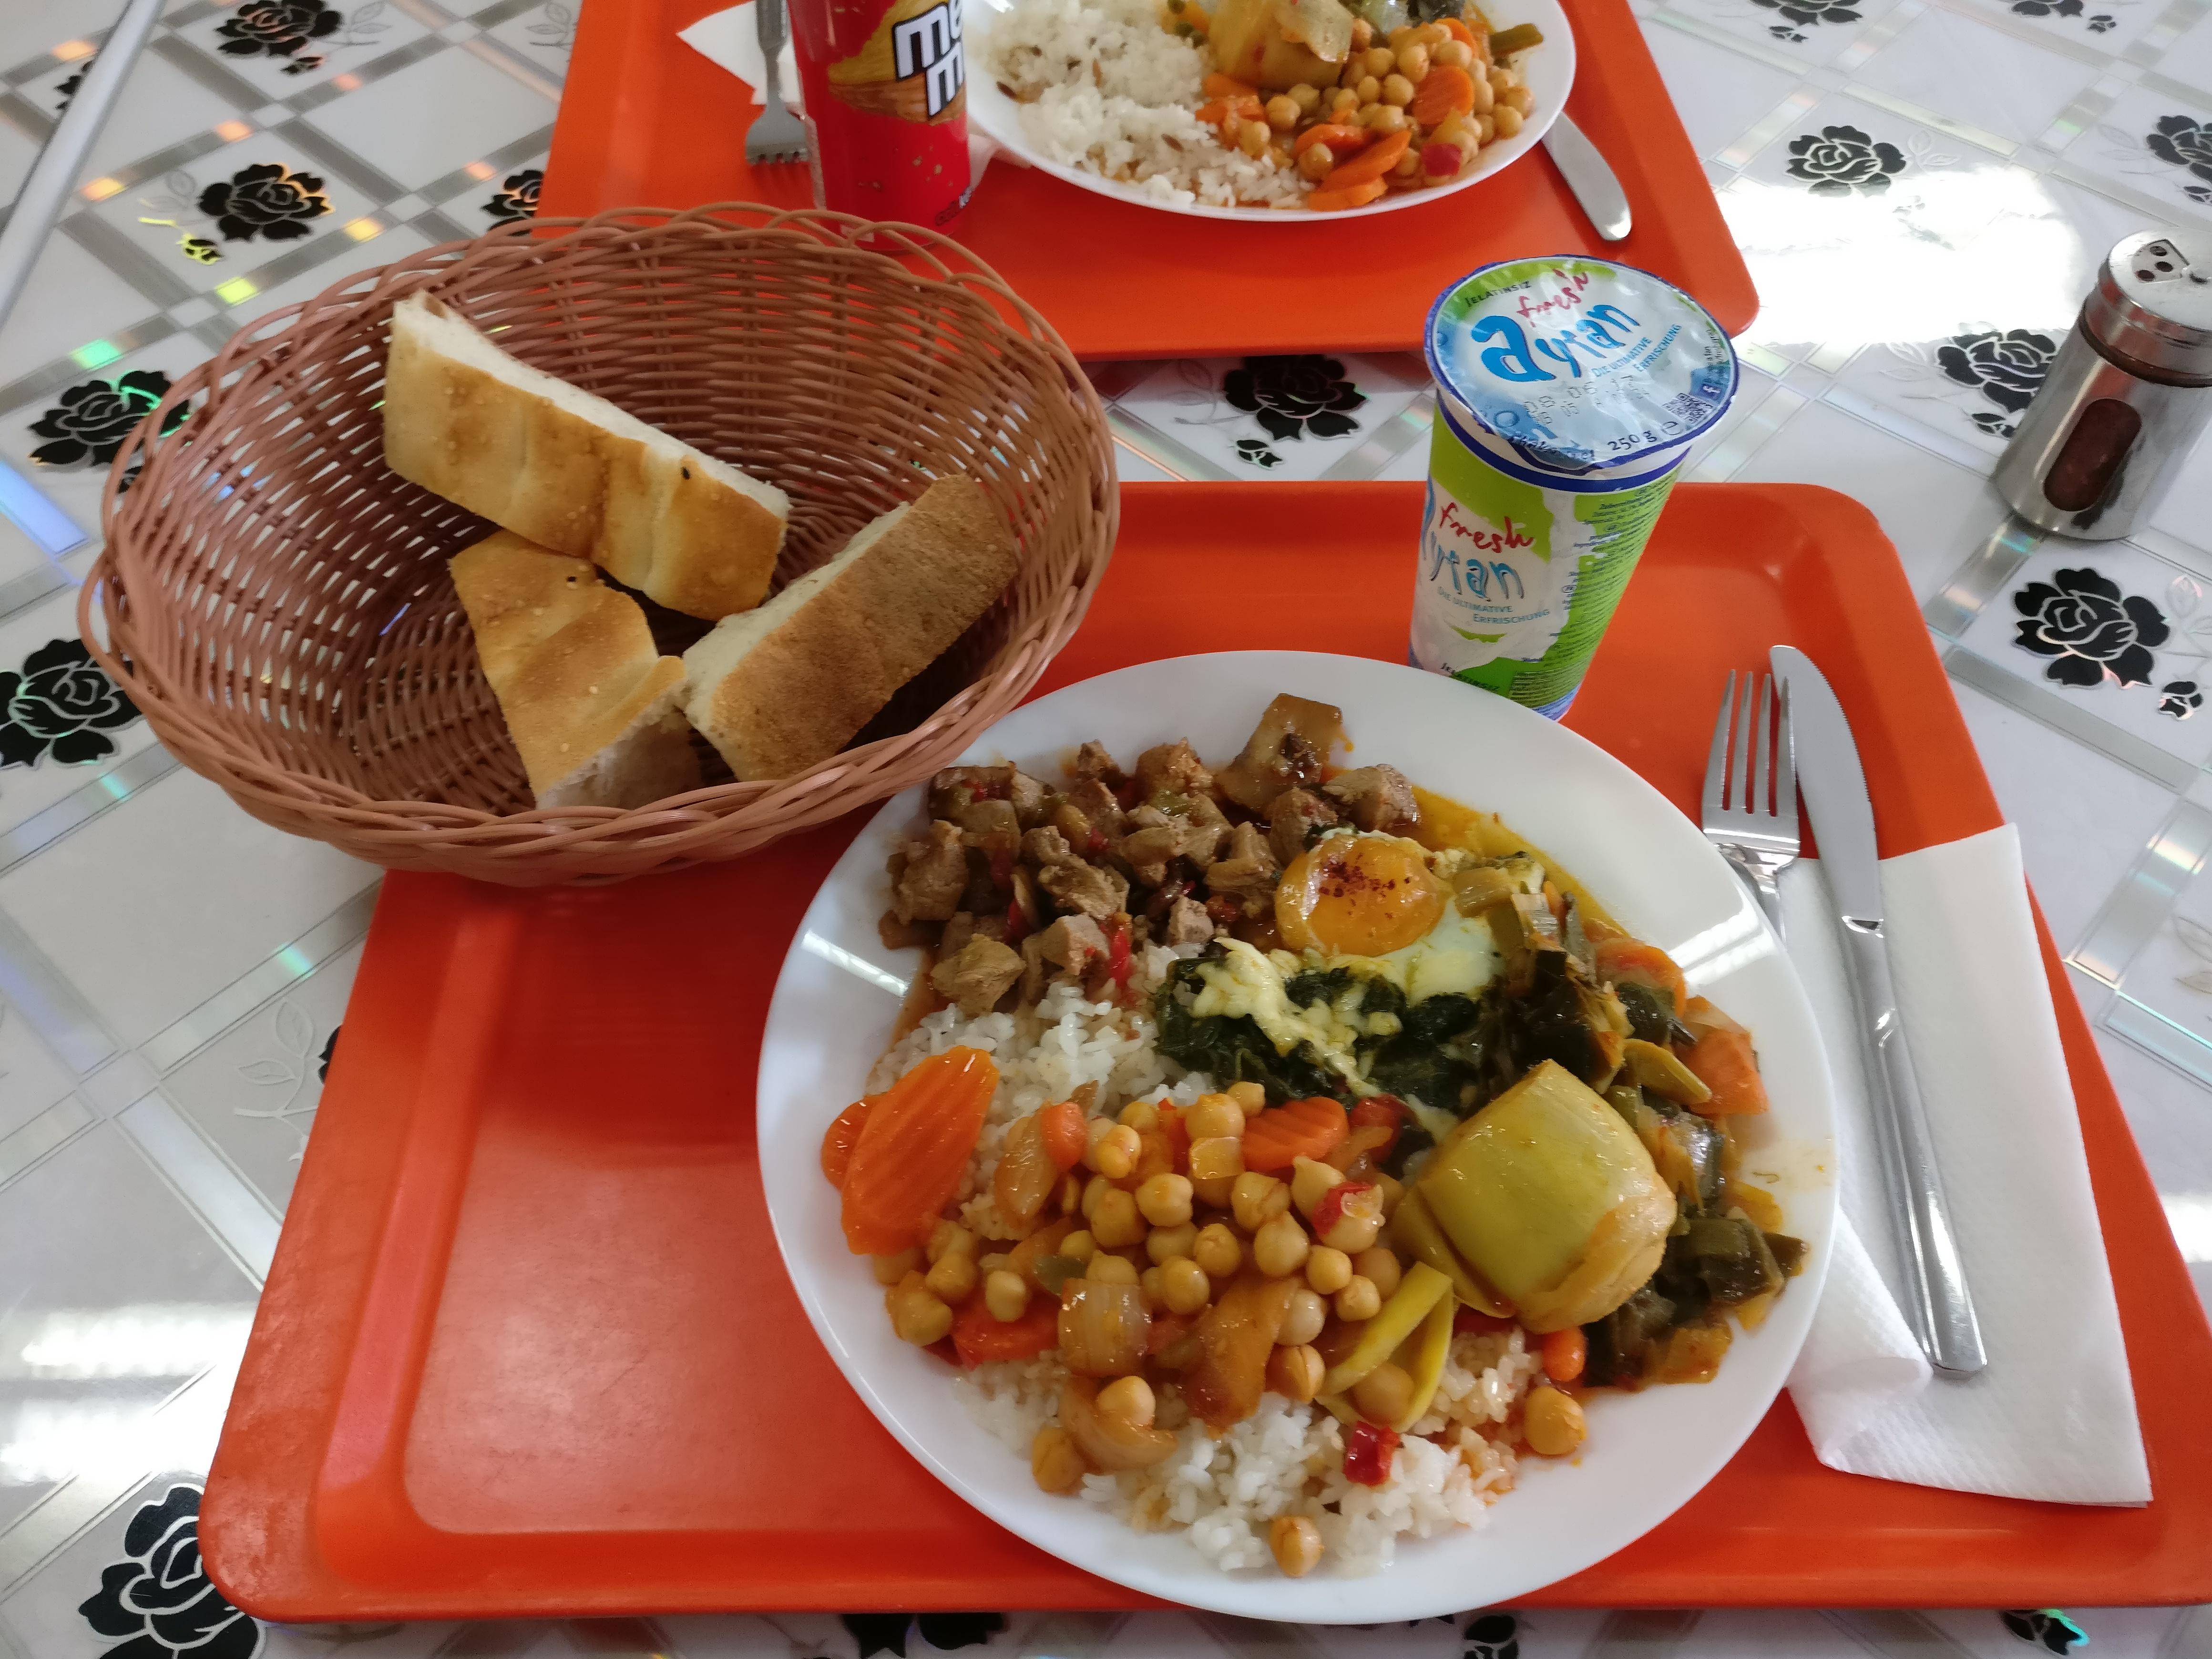 http://foodloader.net/nico_2017-05-05_reis-fleisch-gemuese-spinat-spiegelei-brot.jpg